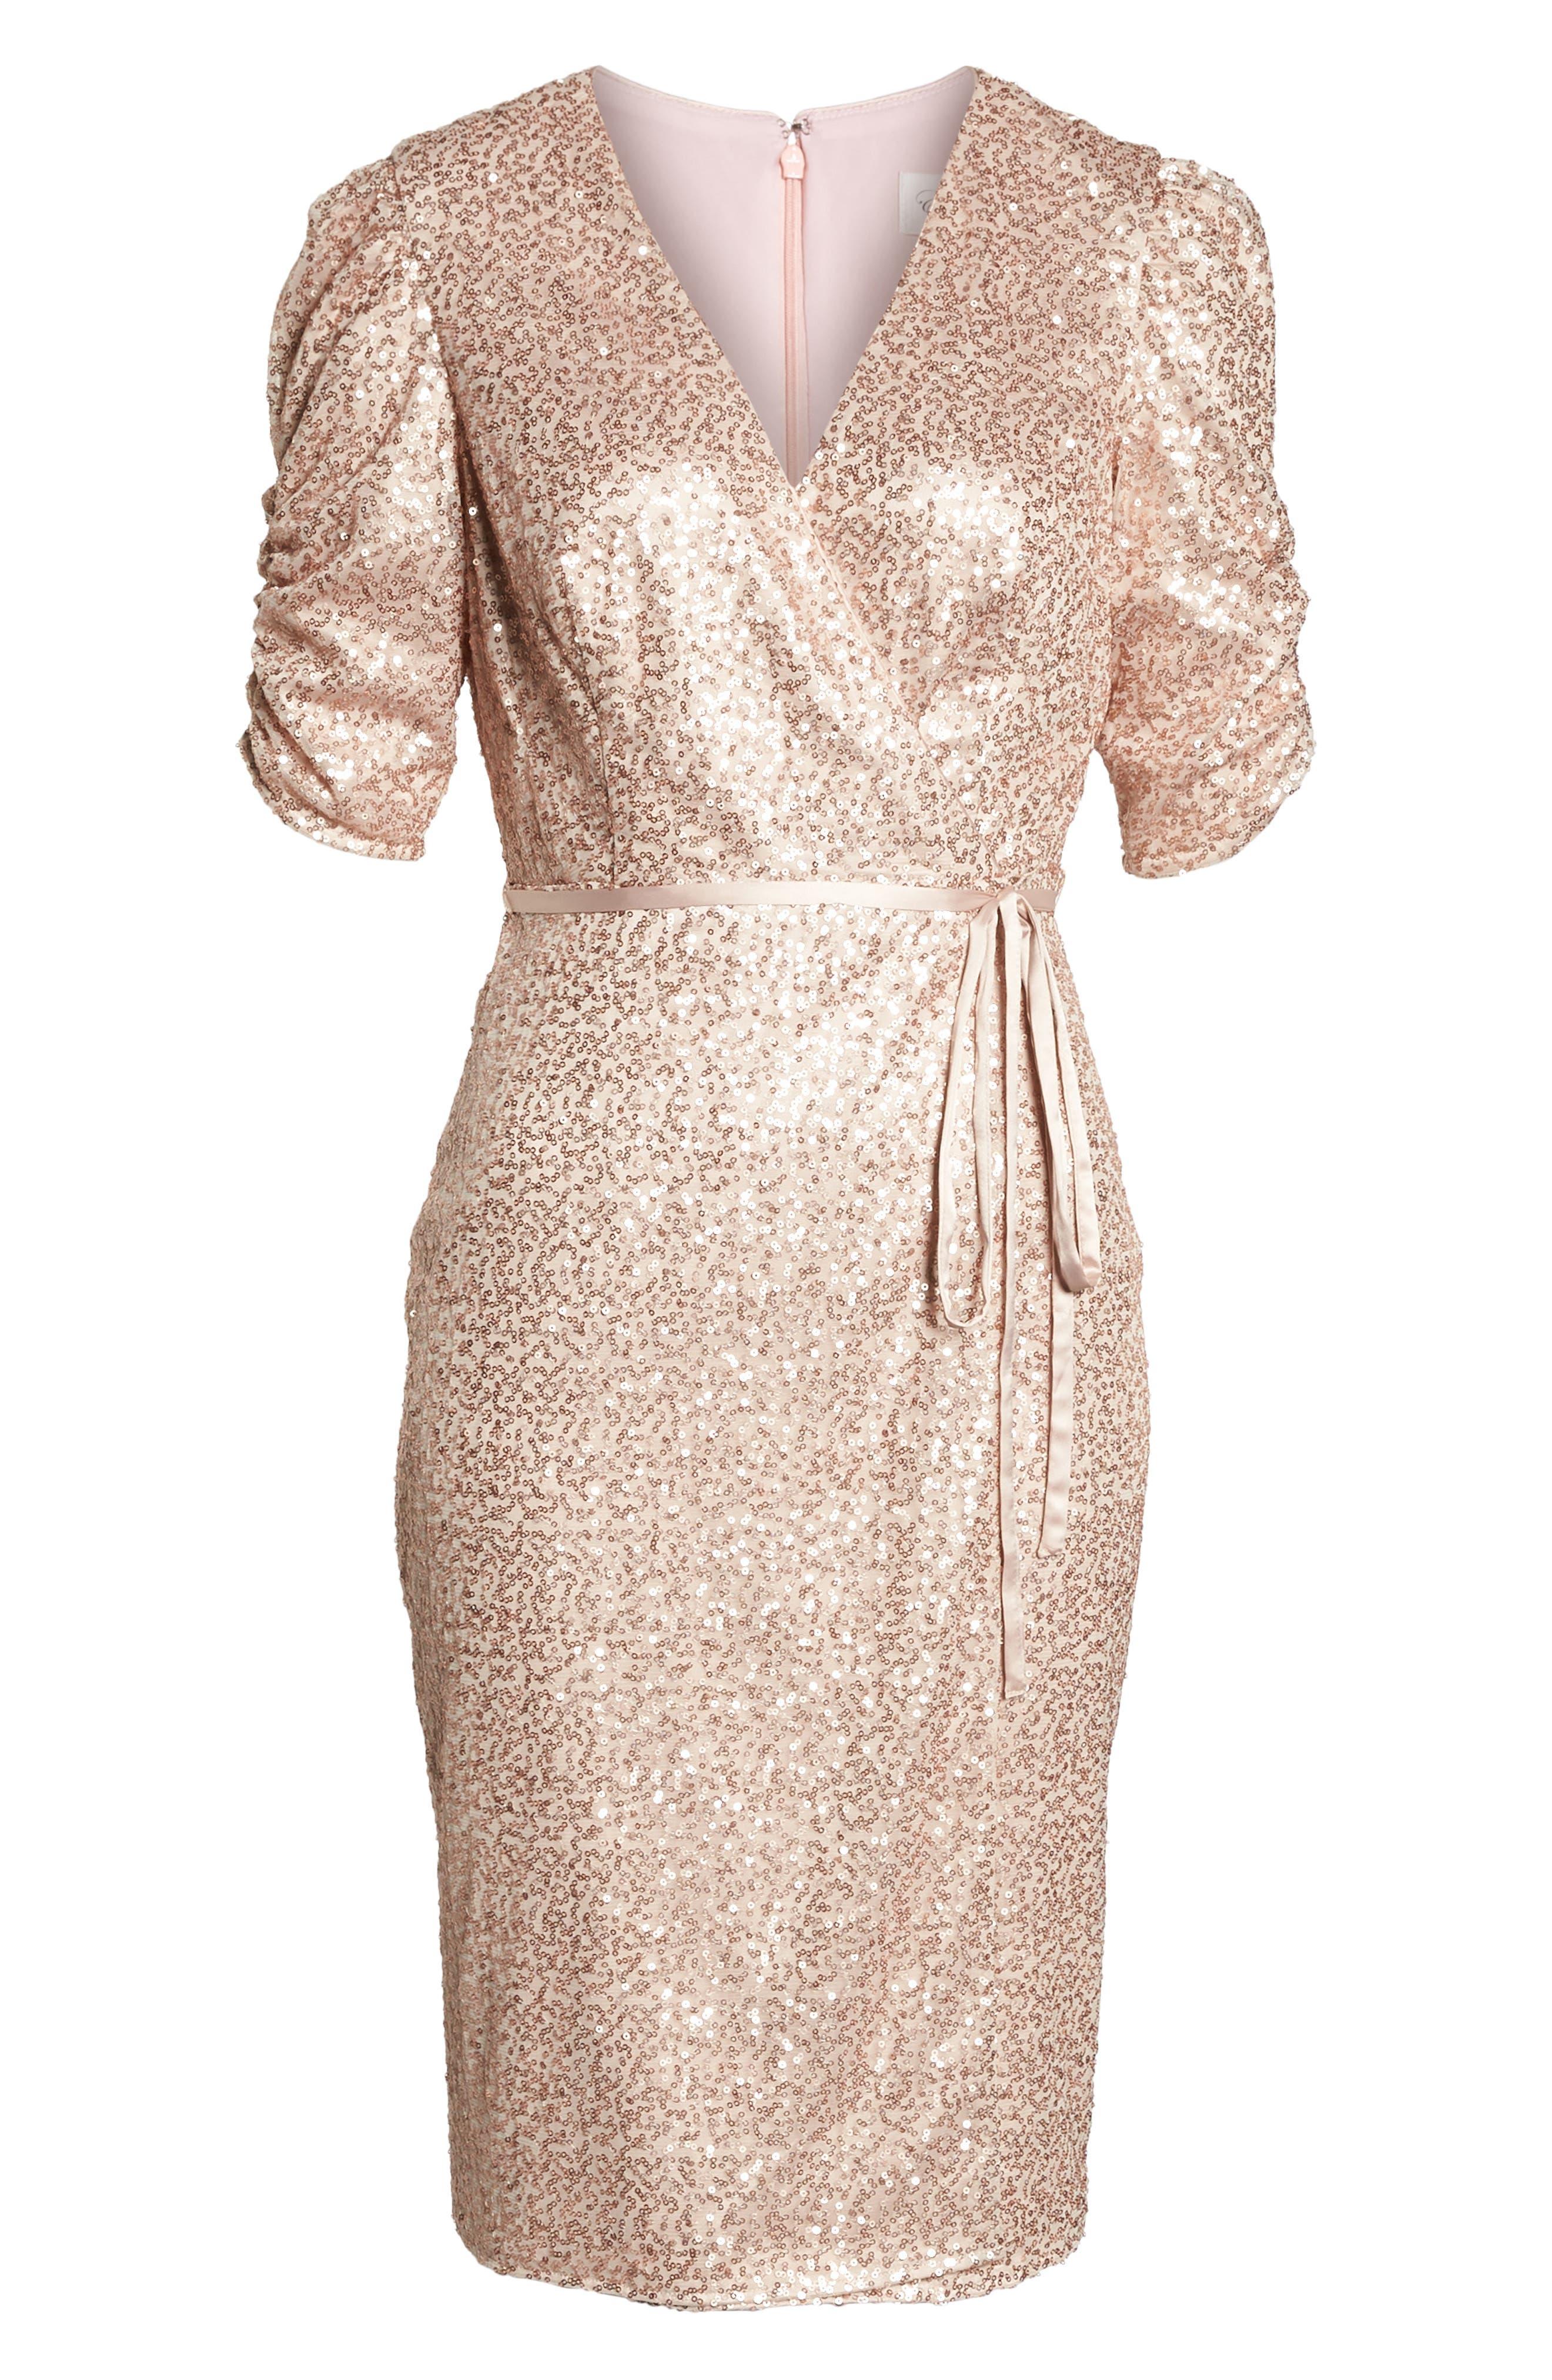 Sequin Faux Wrap Dress,                             Alternate thumbnail 7, color,                             NUDE